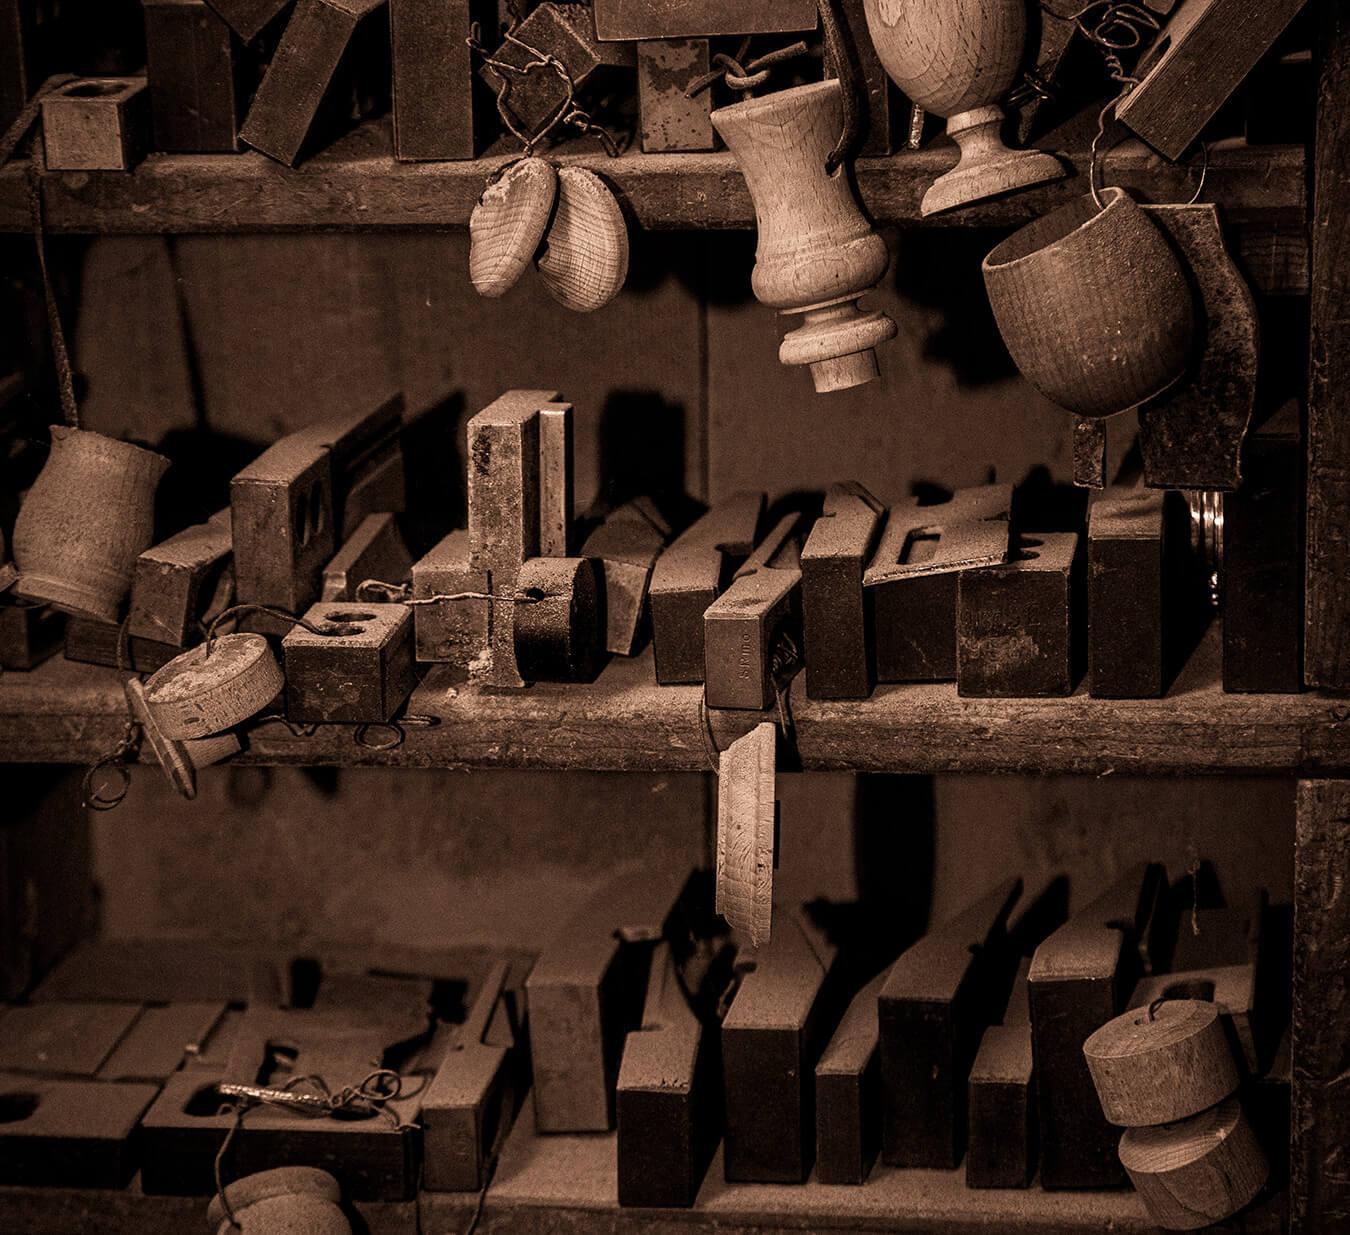 Componenti e utensili di macchinario d'epoca